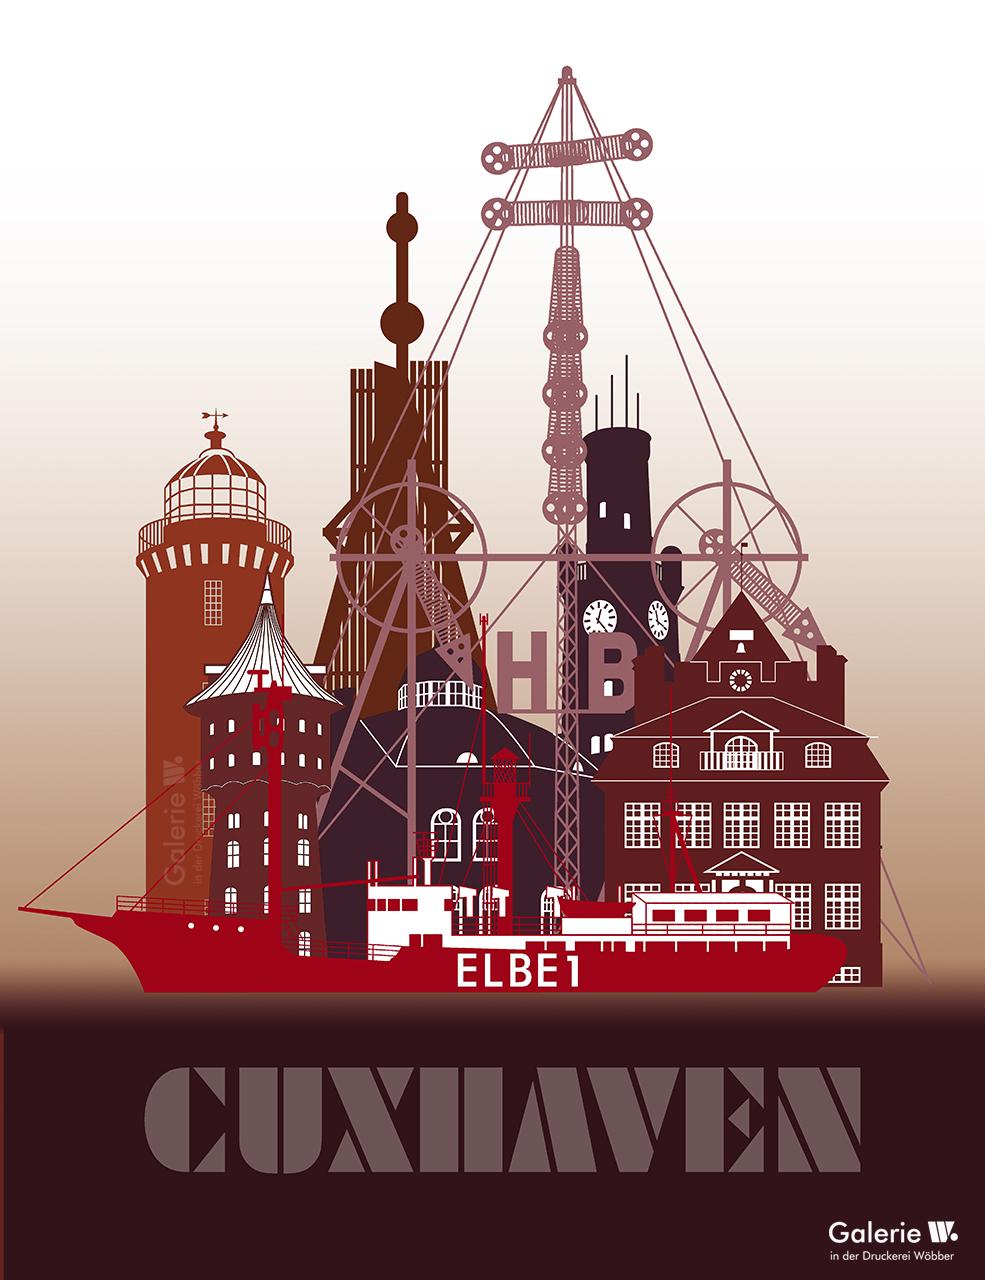 51106 Cuxhaven